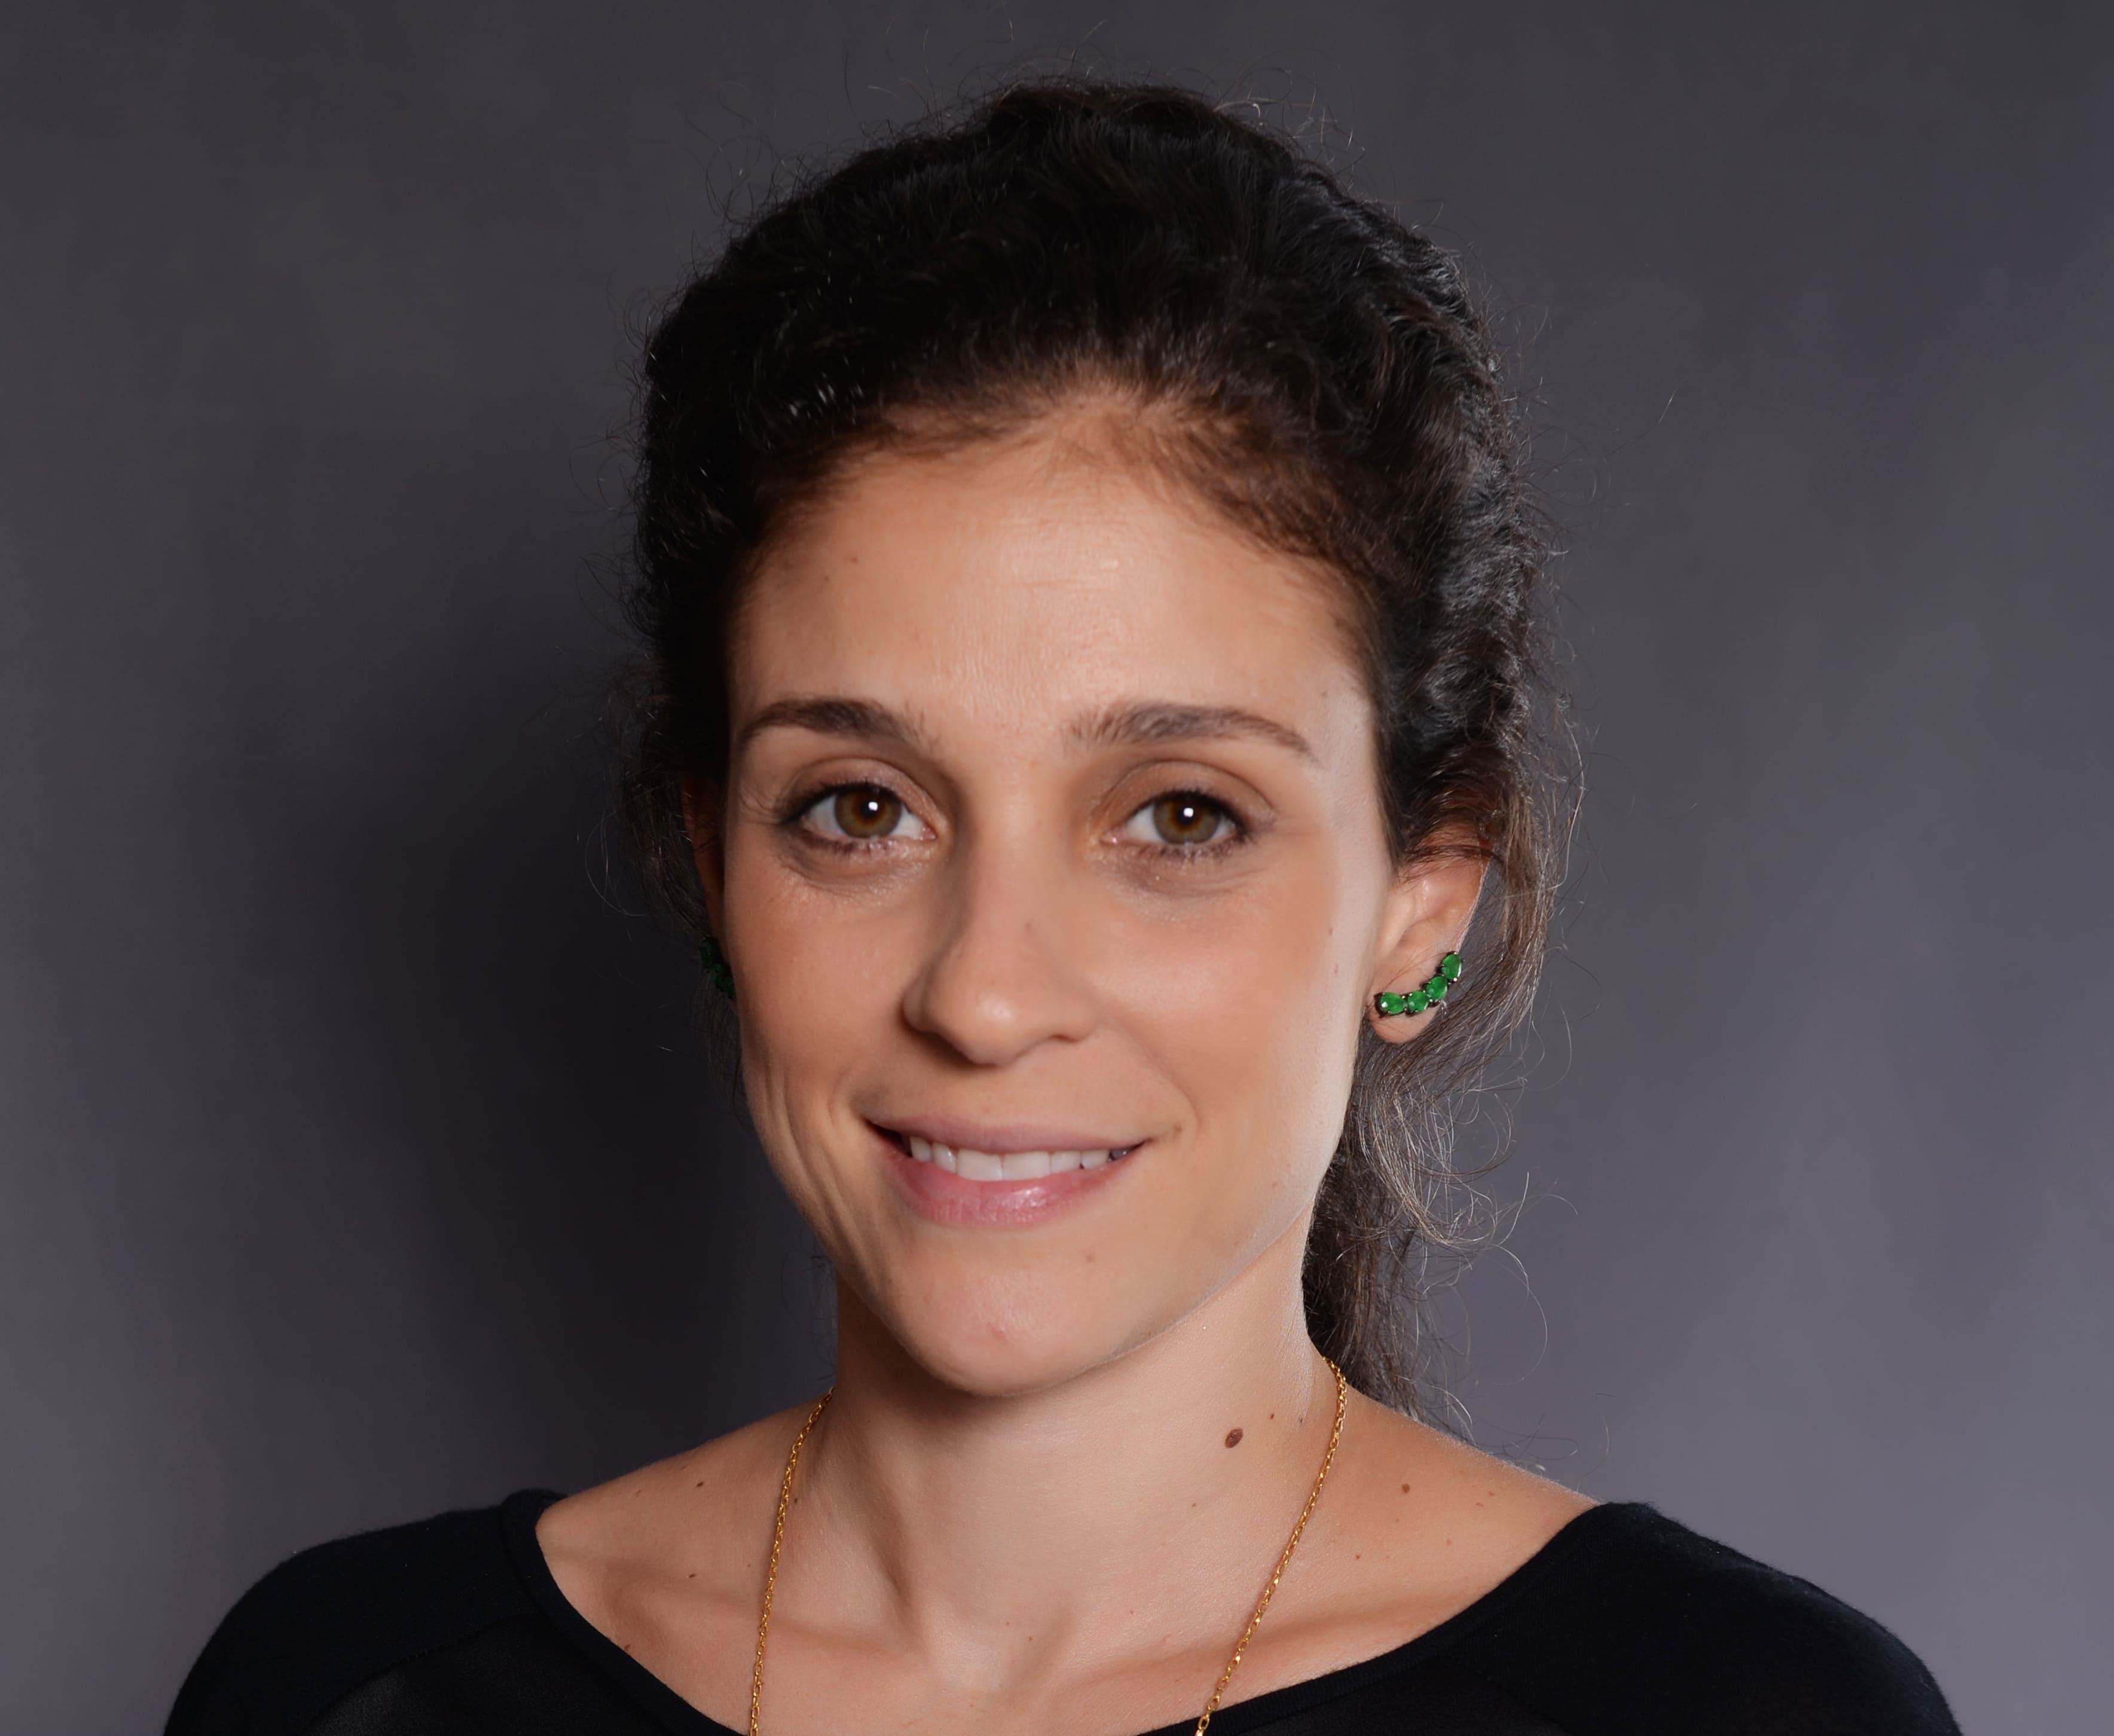 Izabel Carmen de A. Ramos